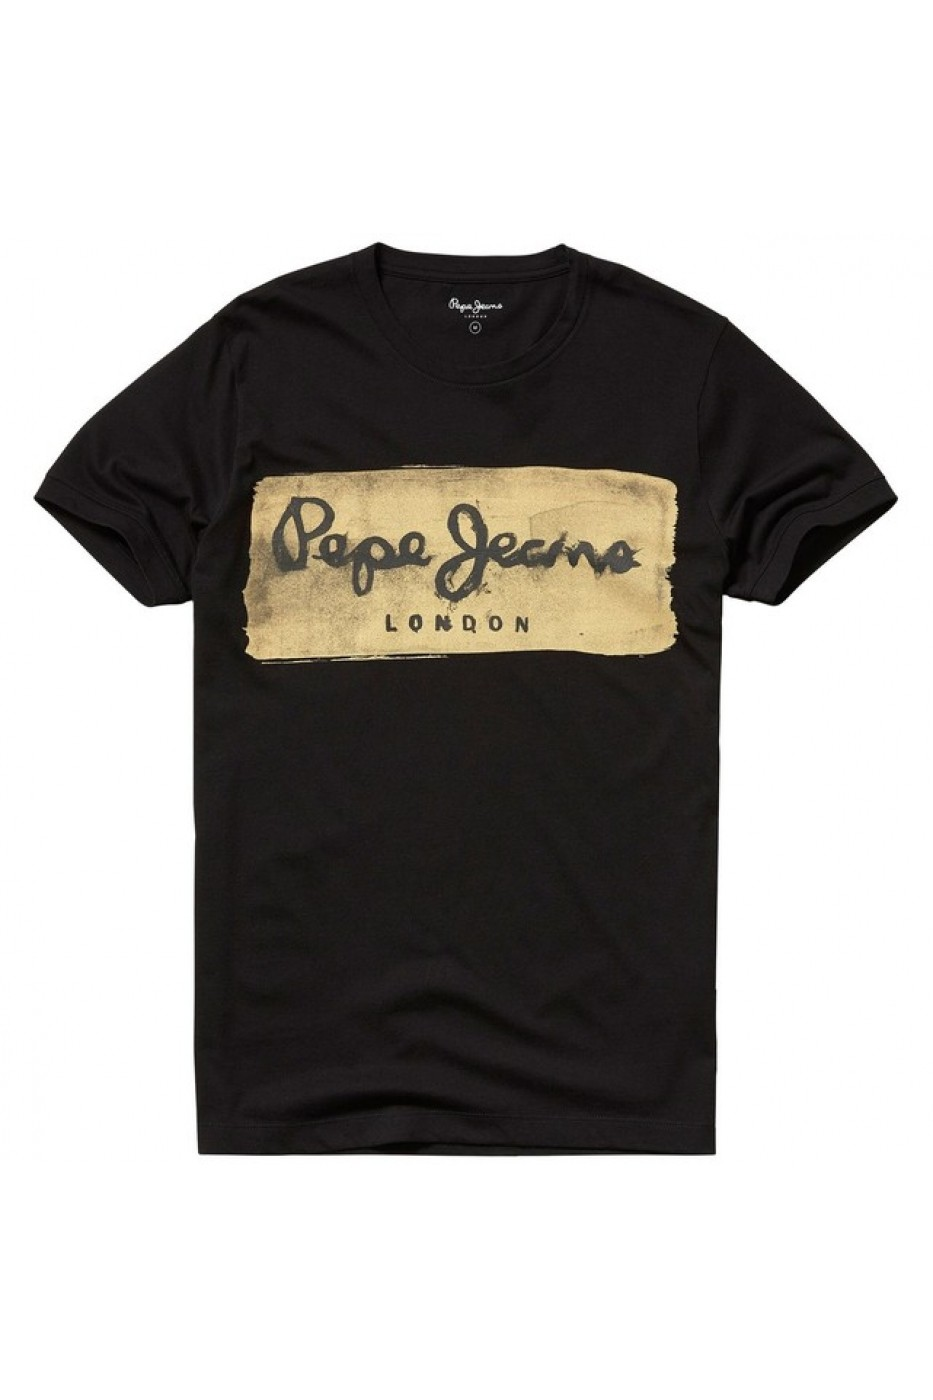 94a797639b Pepe Jeans Póló LRD-6678890 Fekete - FashionUP!